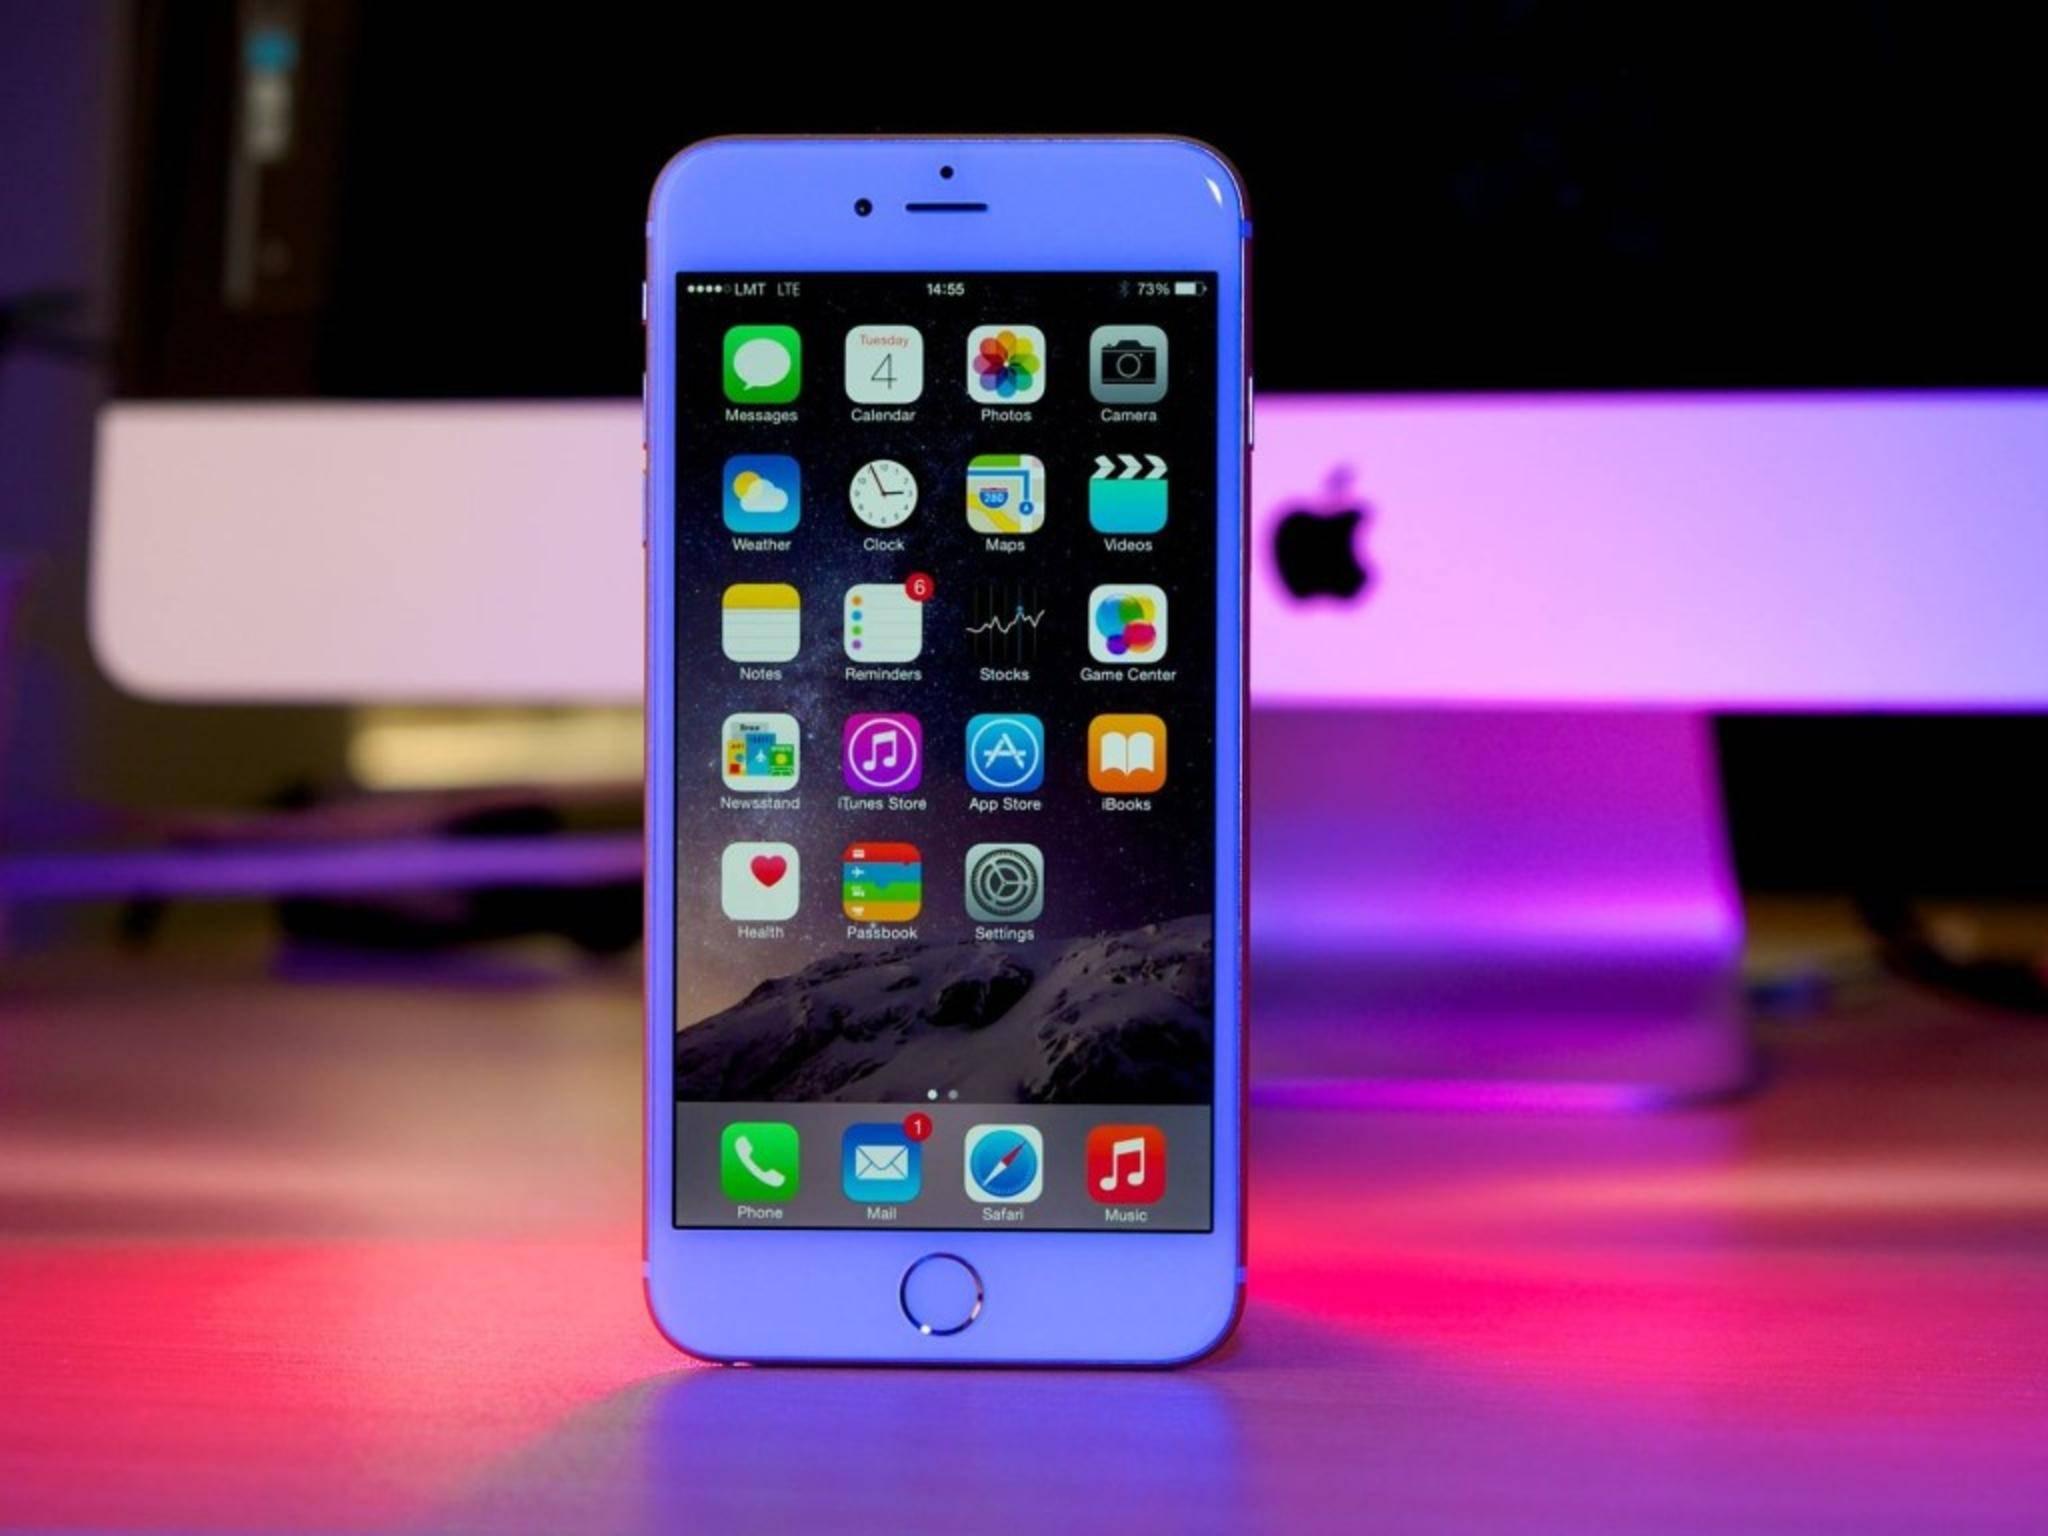 Der Apple-Support bietet via Twitter nützliche Tipps für die iPhones an.